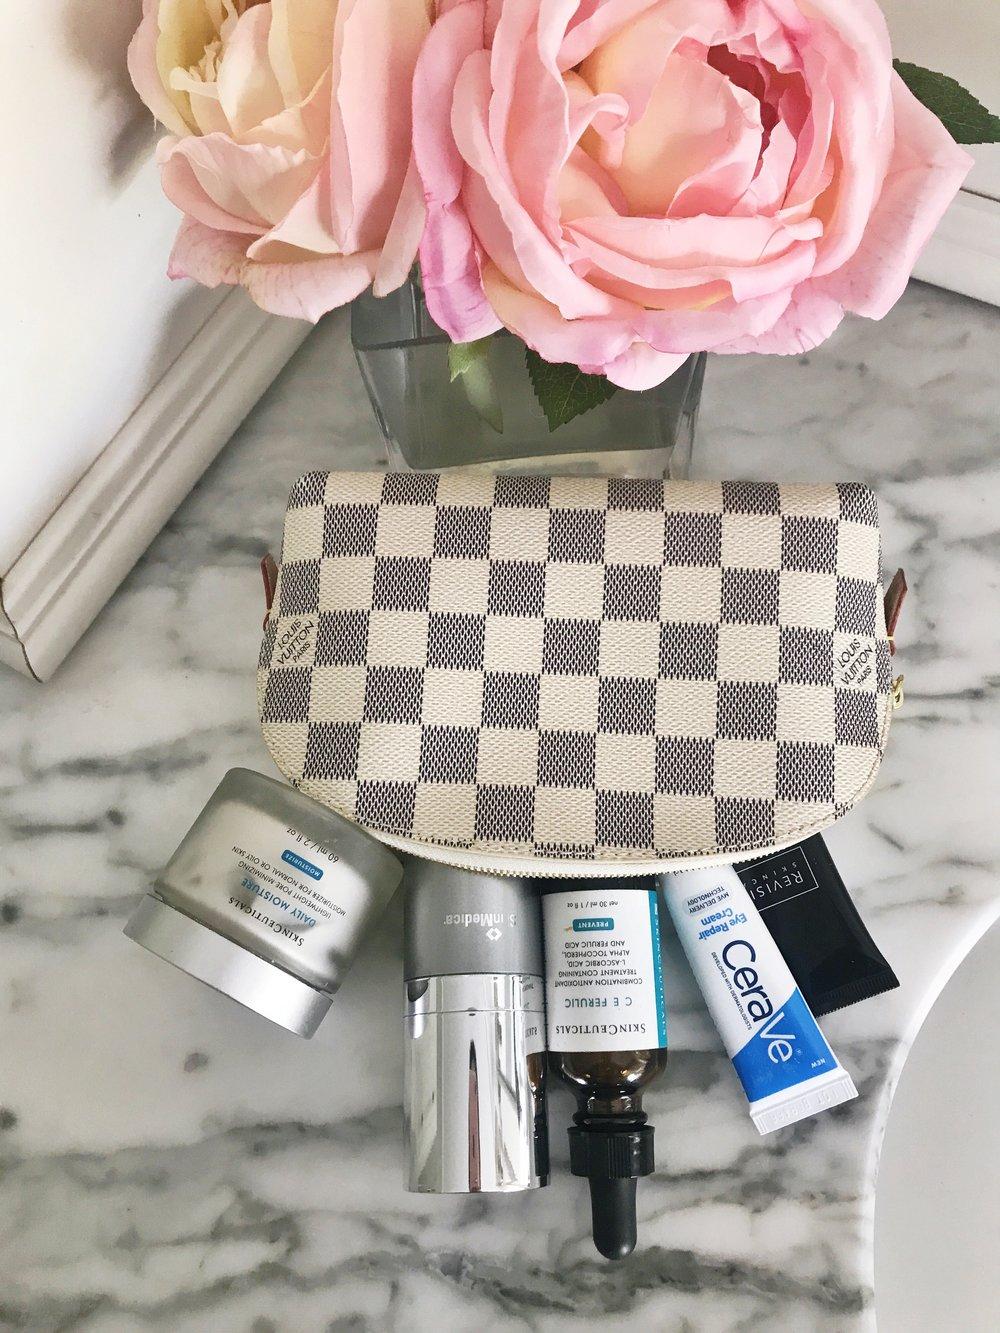 LV makeupbag.JPG